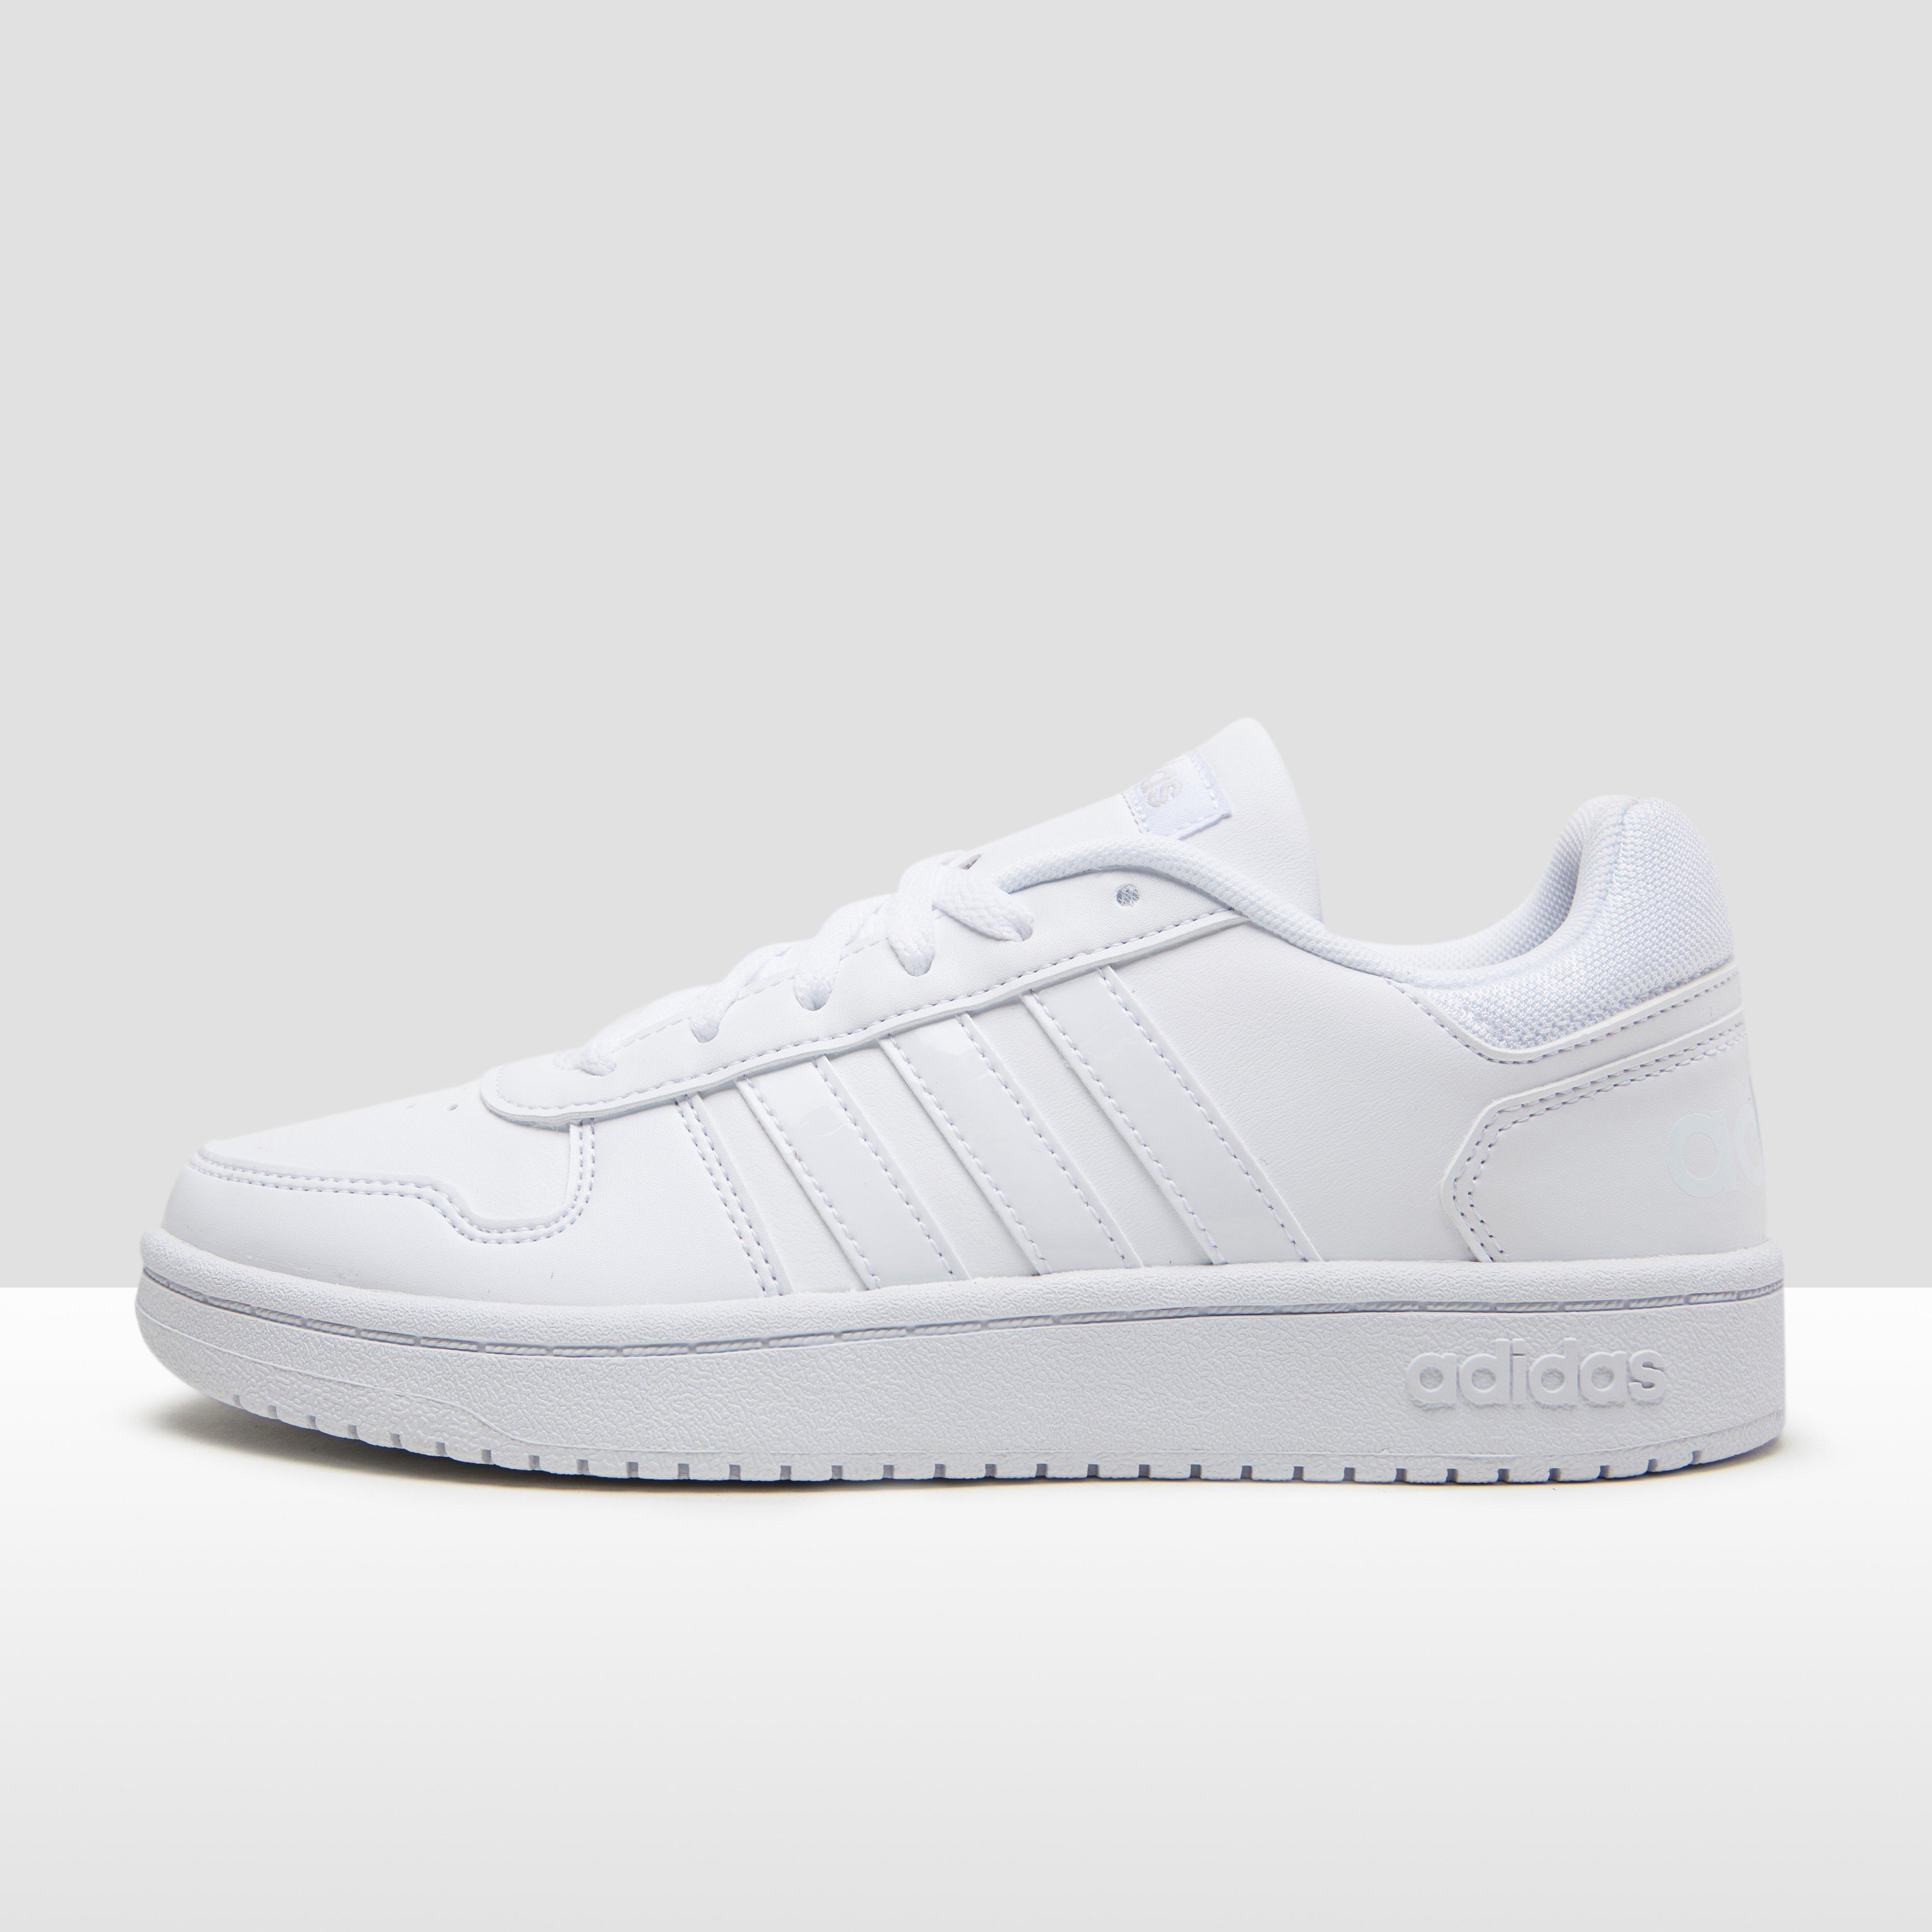 Blanc Adidas Chaussures Cerceaux Pour Femmes JkNaNKK7oe